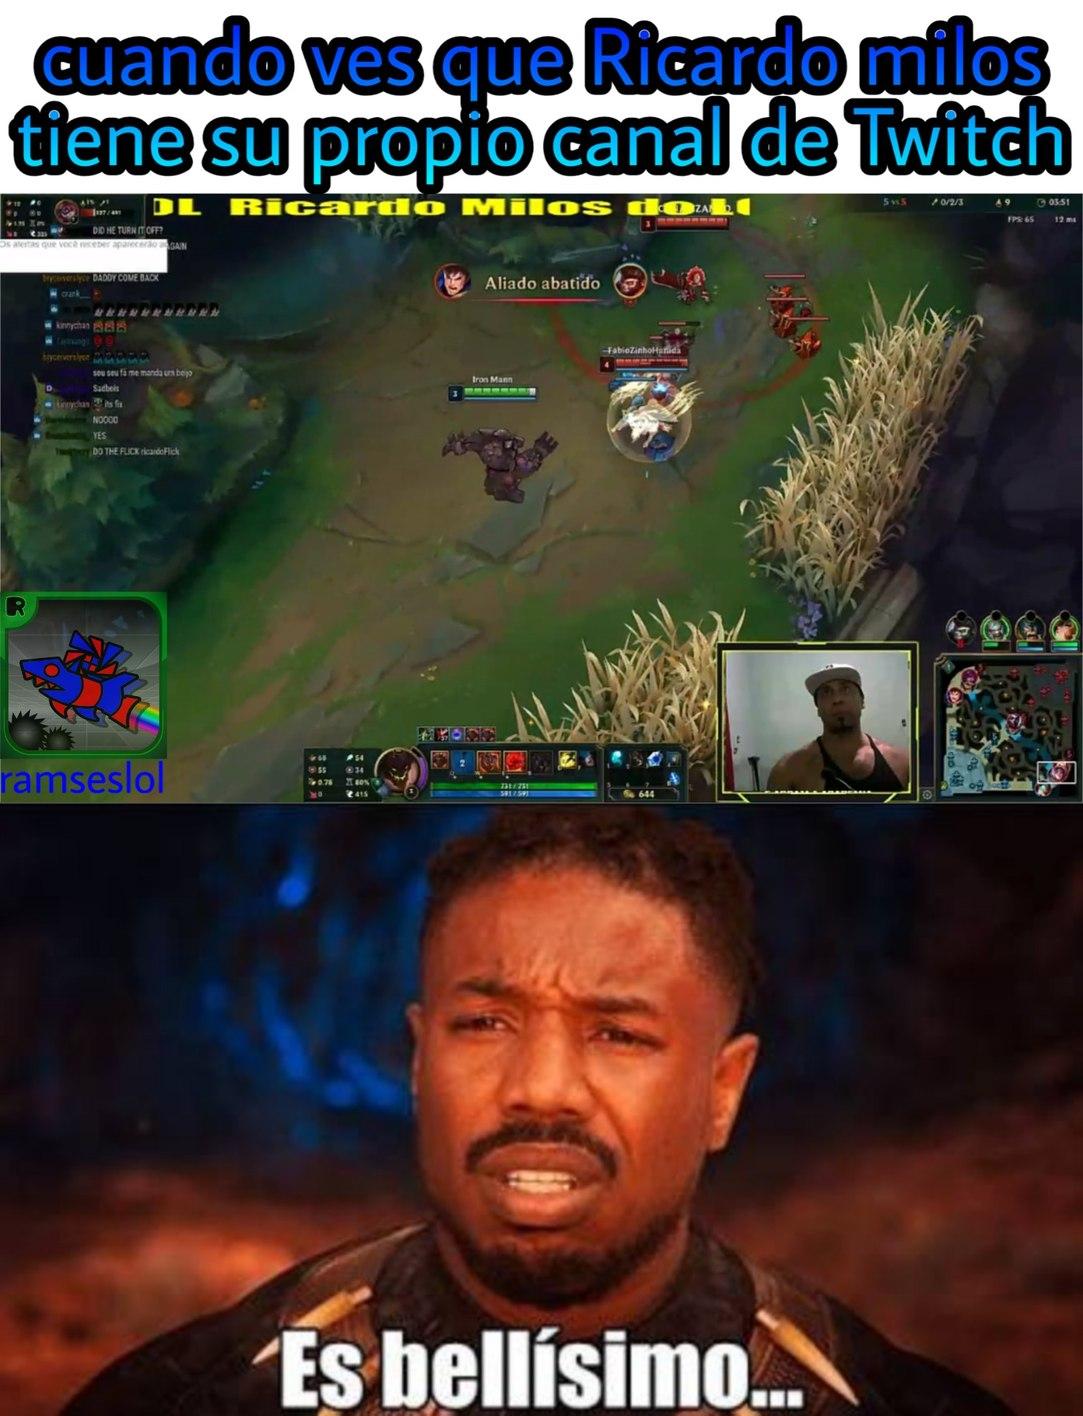 Hace streams de LoL en Twitch - meme